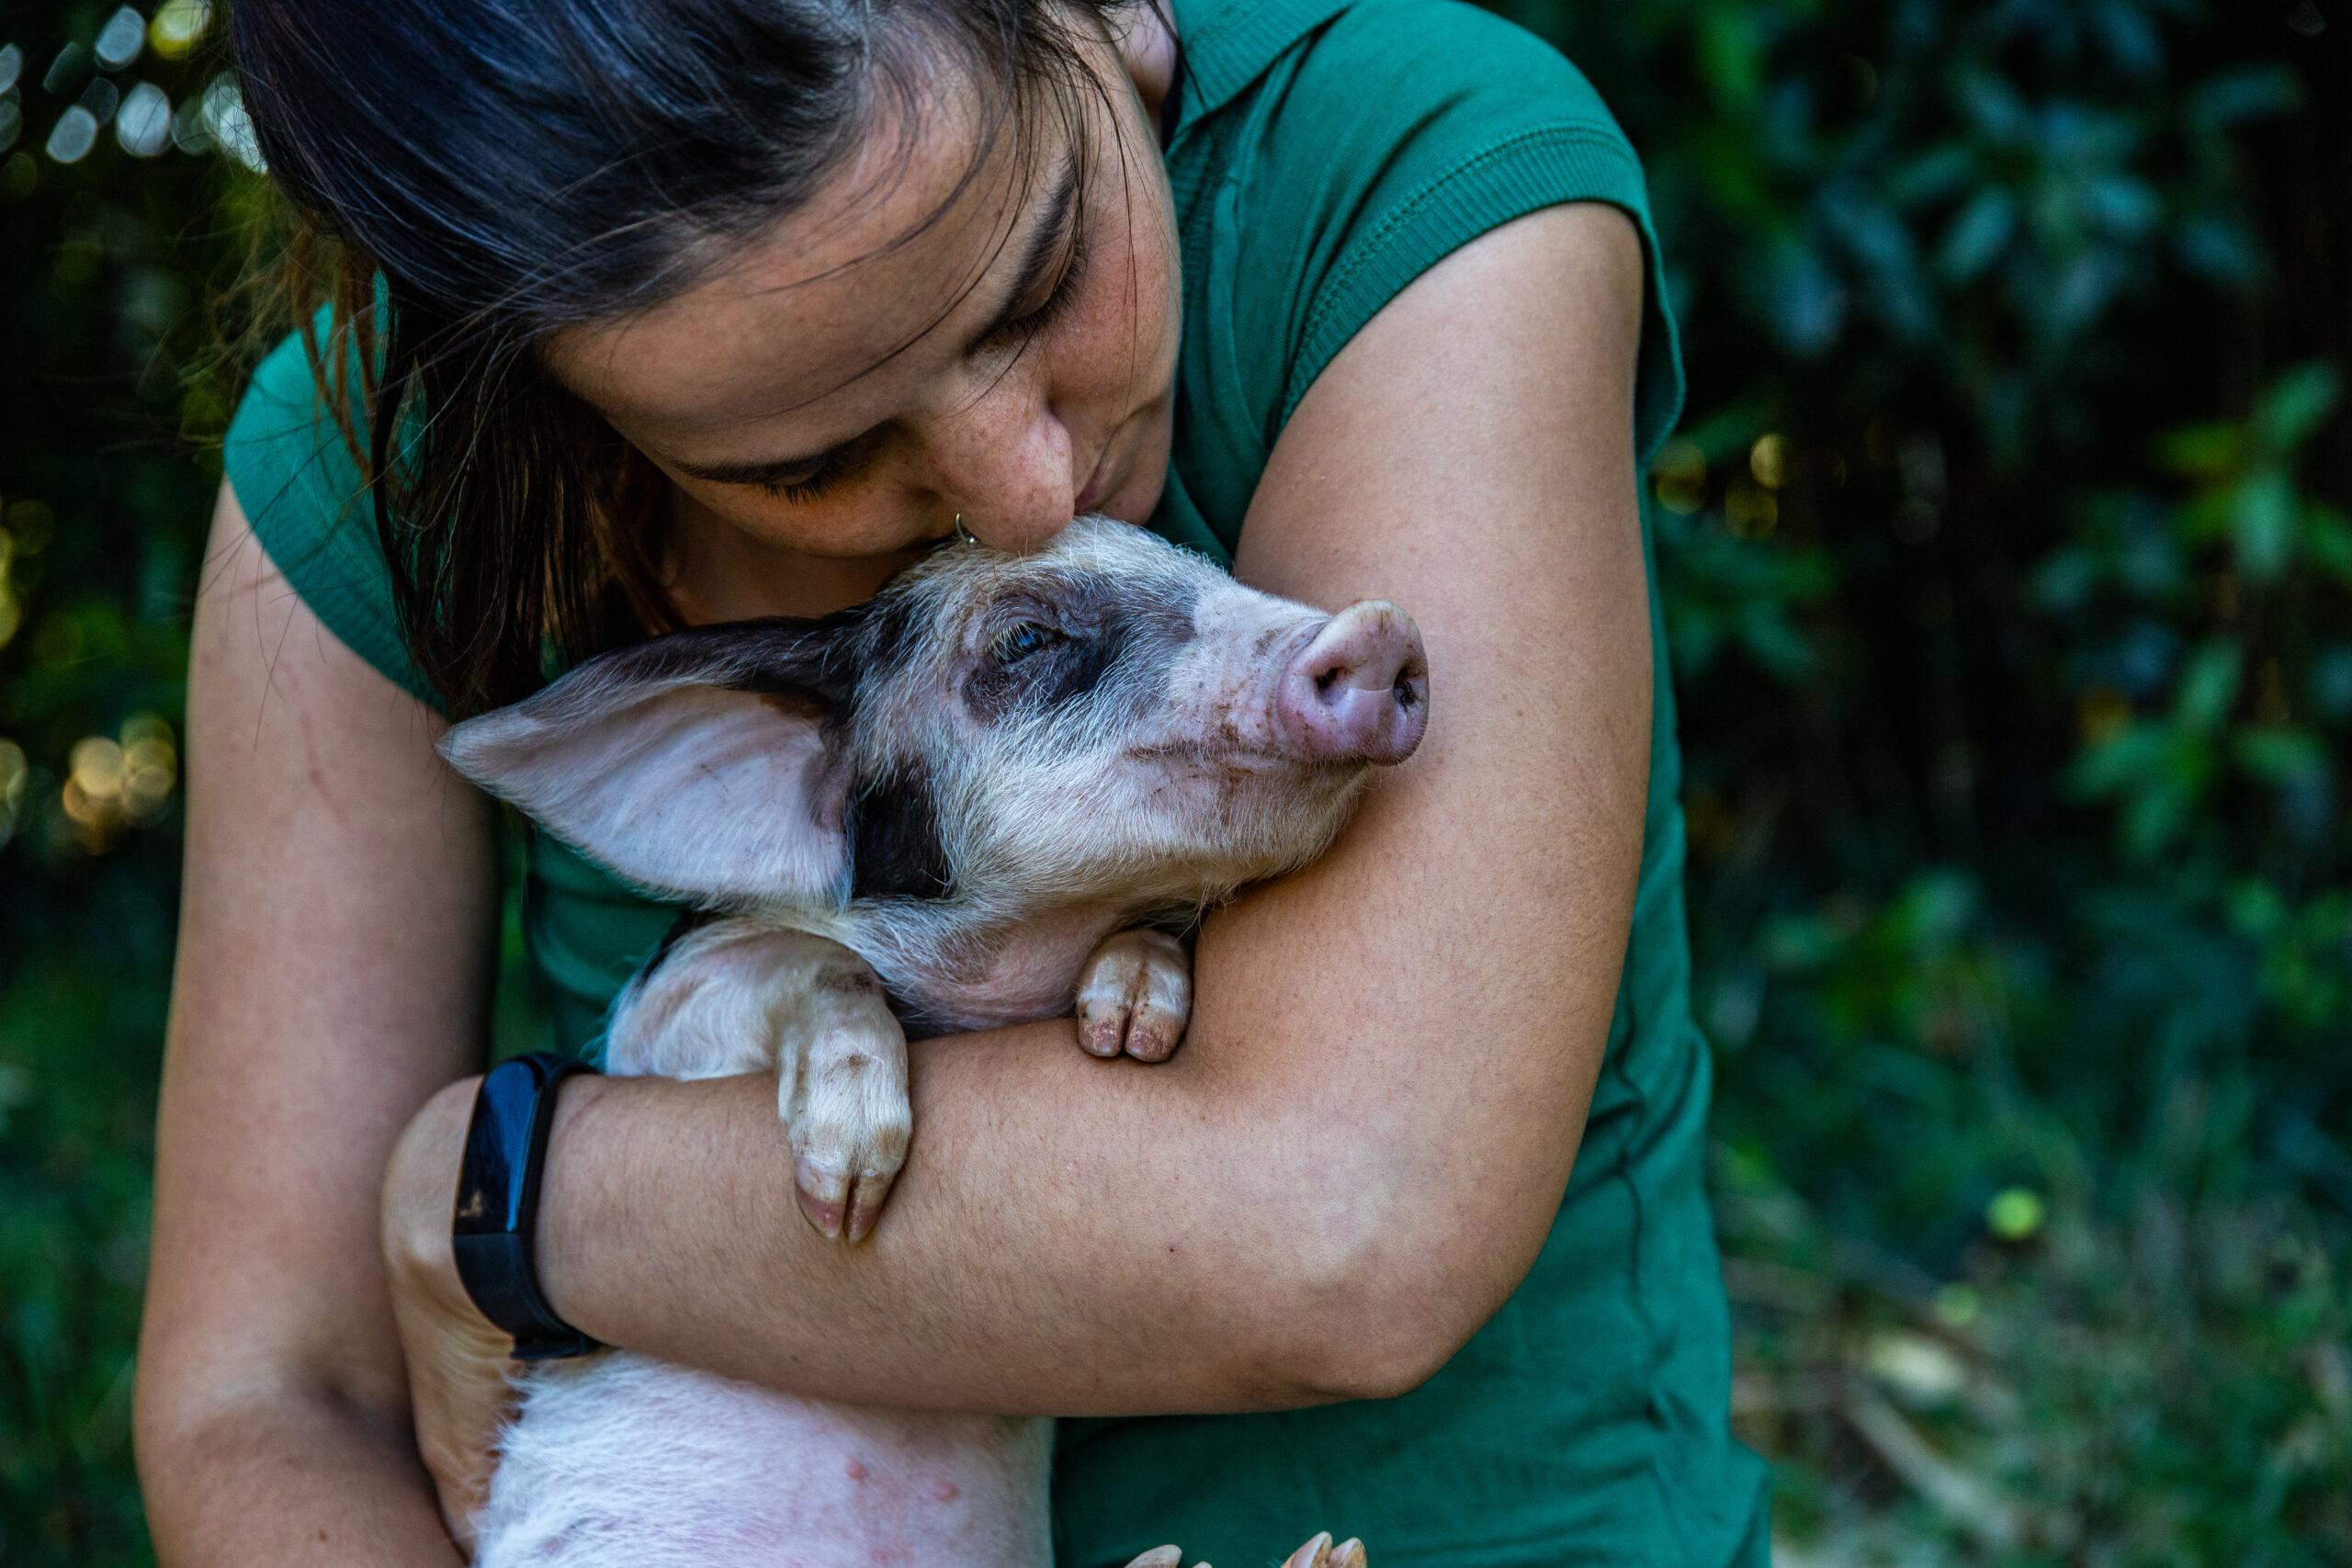 Los 10 Santuarios de Animales más comprometidos de España